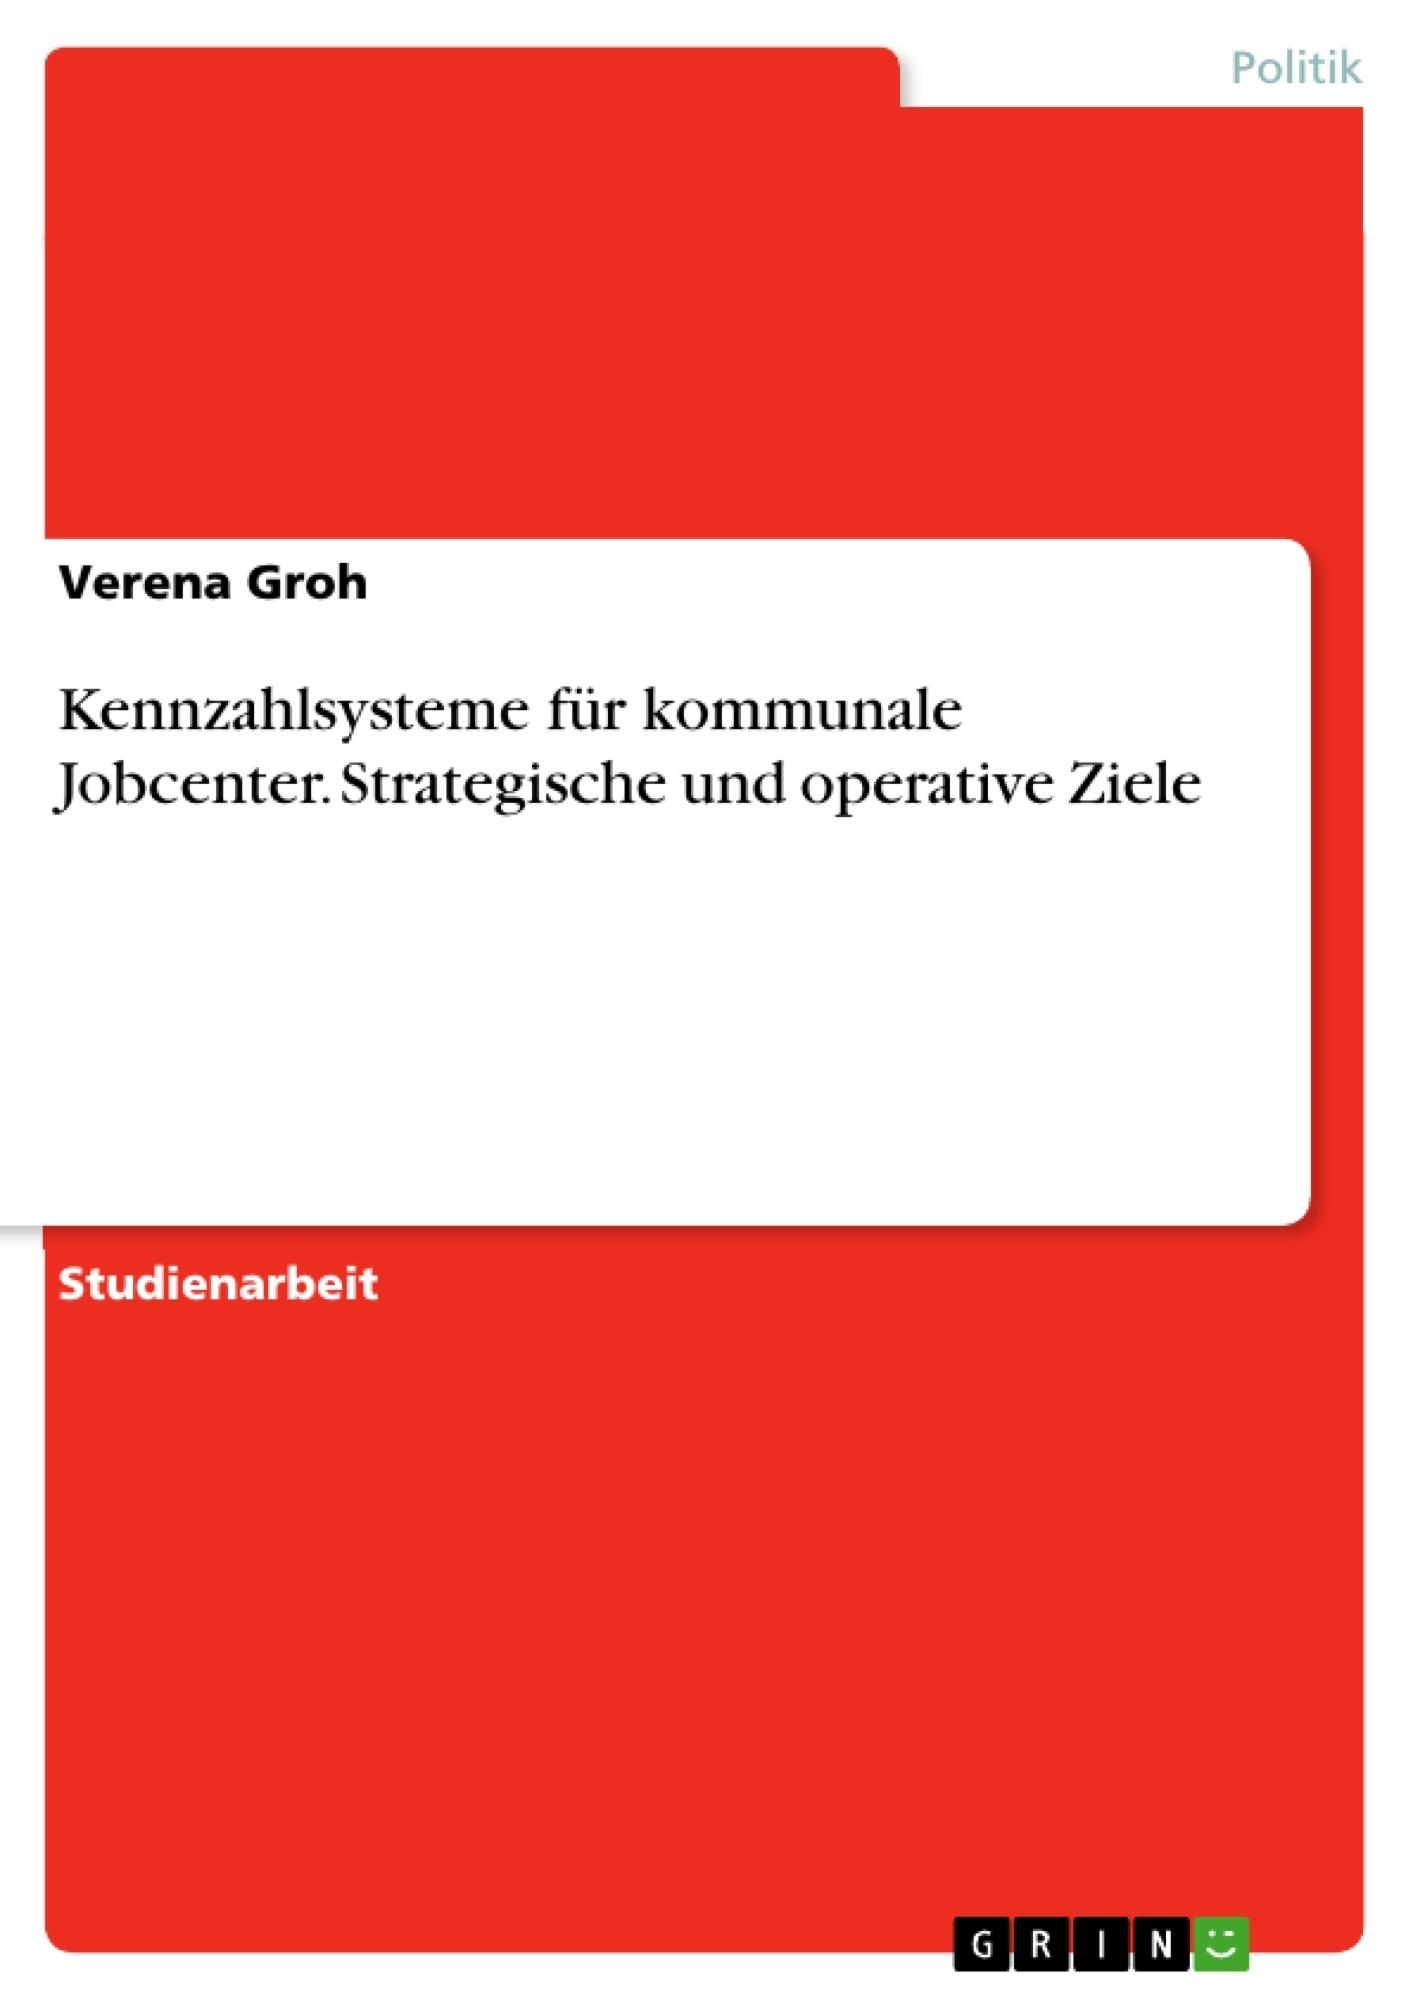 Titel: Kennzahlsysteme für kommunale Jobcenter. Strategische und operative Ziele